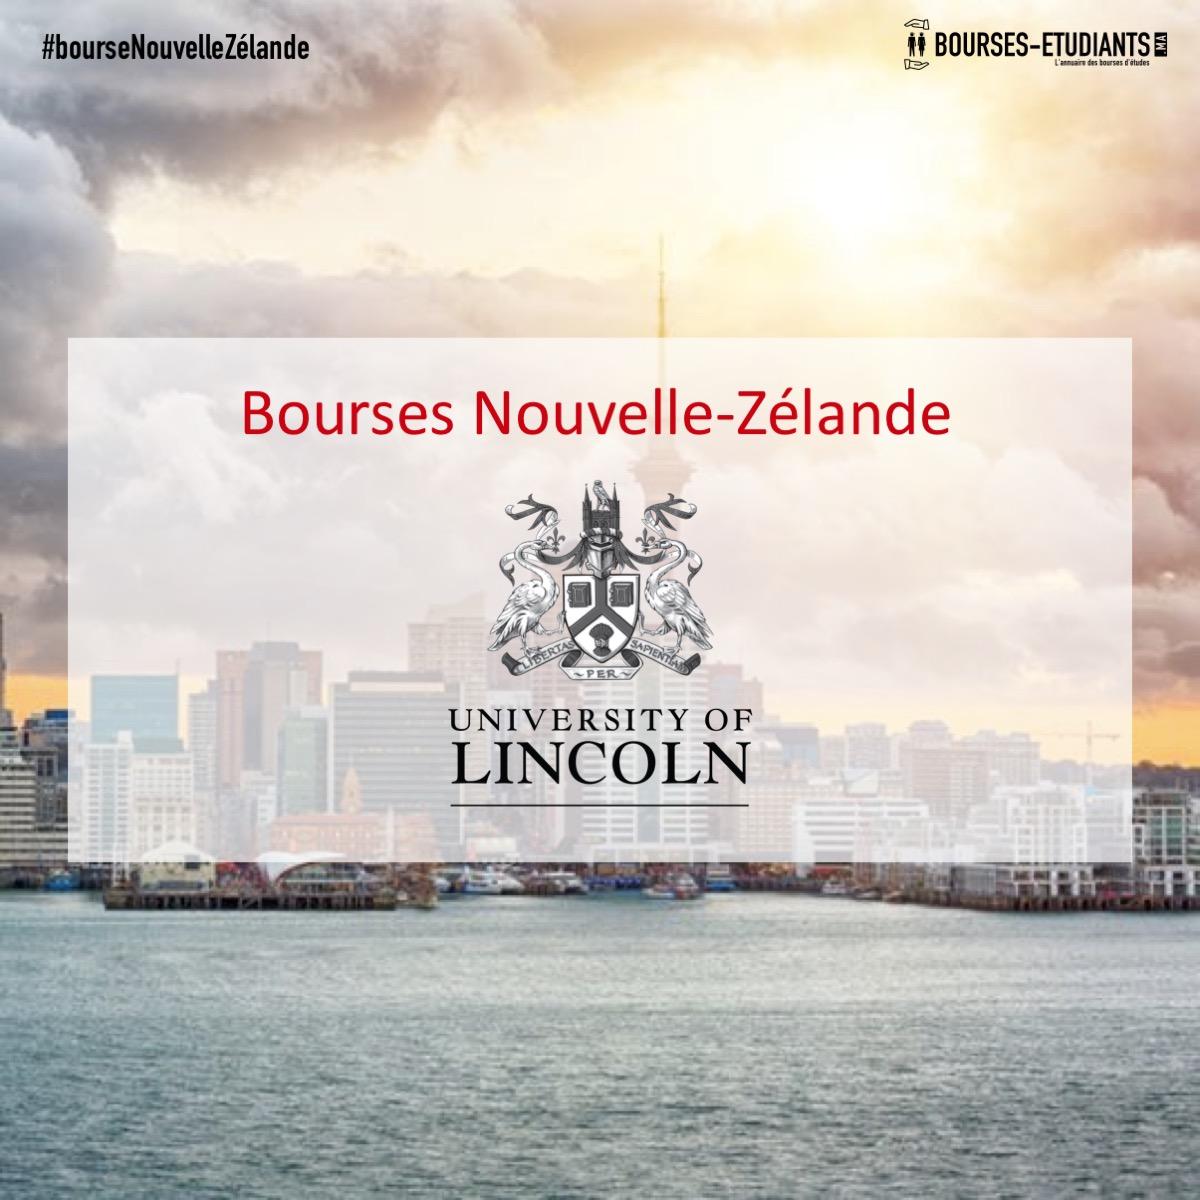 Bourses nouvelle zélande